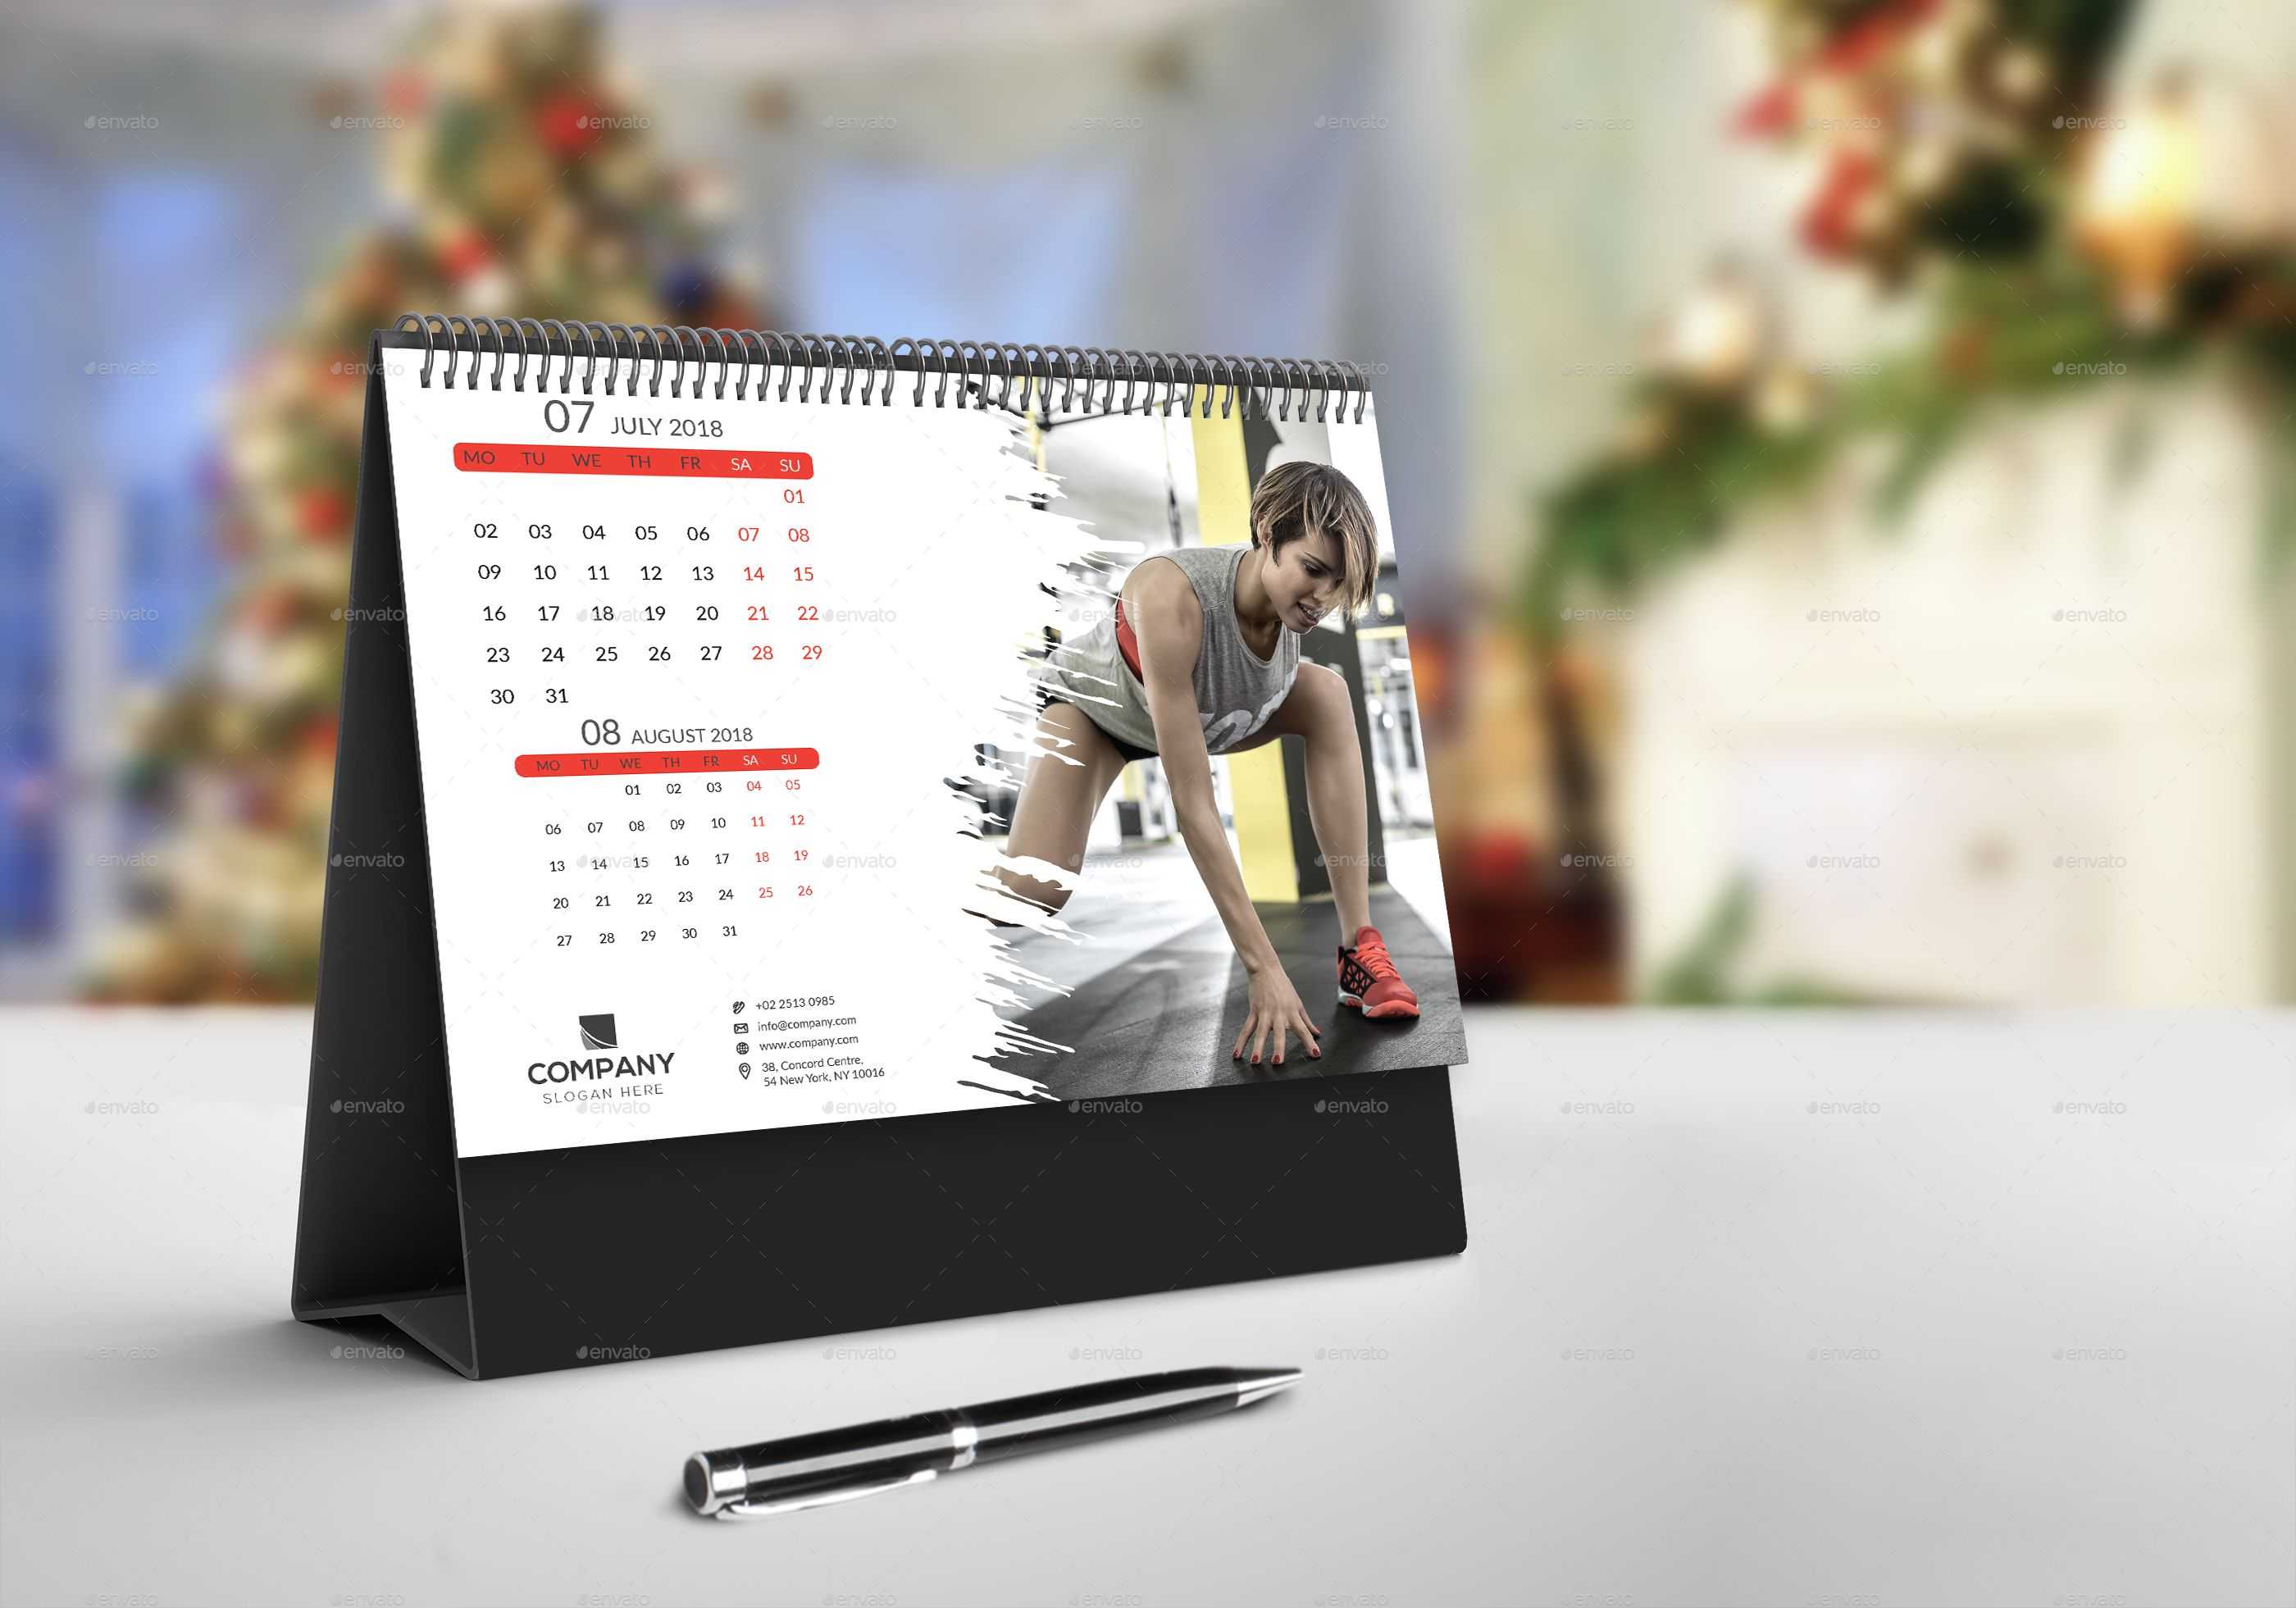 Creative Desk Calendar Buscar Con Google Desktop Calendar Design Calendar Design Table Calendar Design